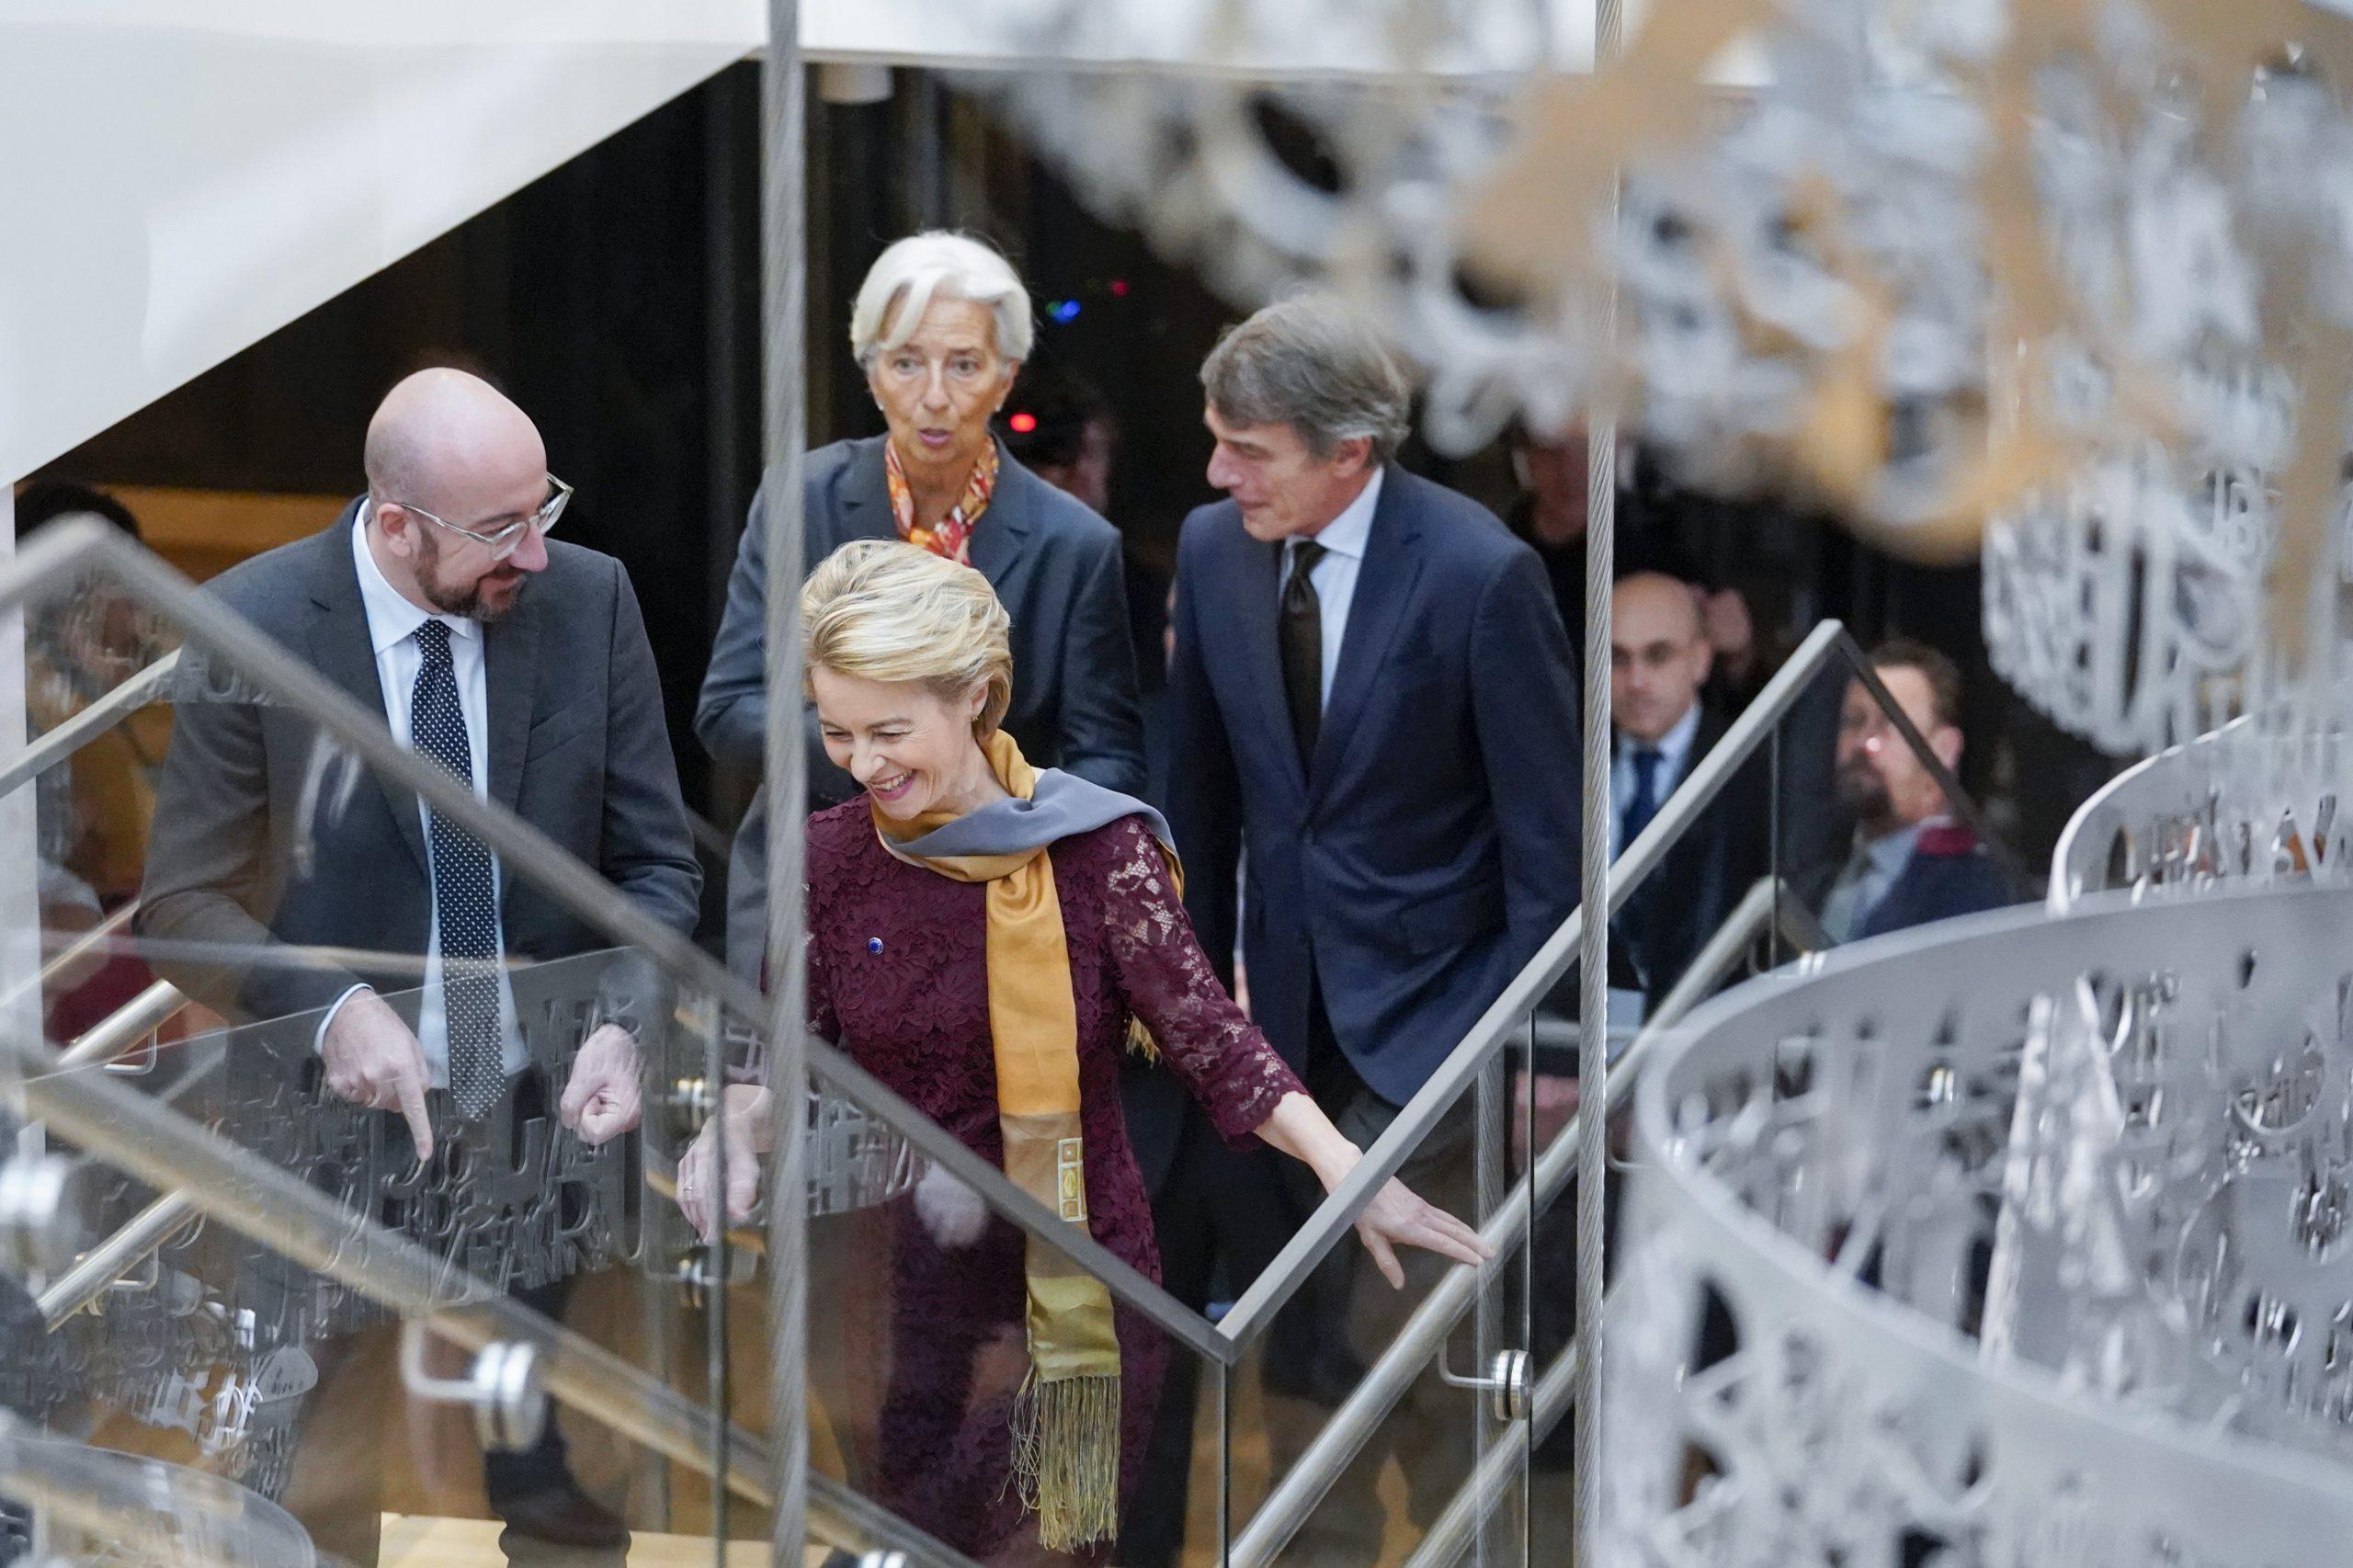 Les dirigeants européens (Charles Michel, président du Conseil, Christine Lagarde, présidente de la Banque centrale européenne, et Ursula von der Leyen, présidente de la Commission européenne